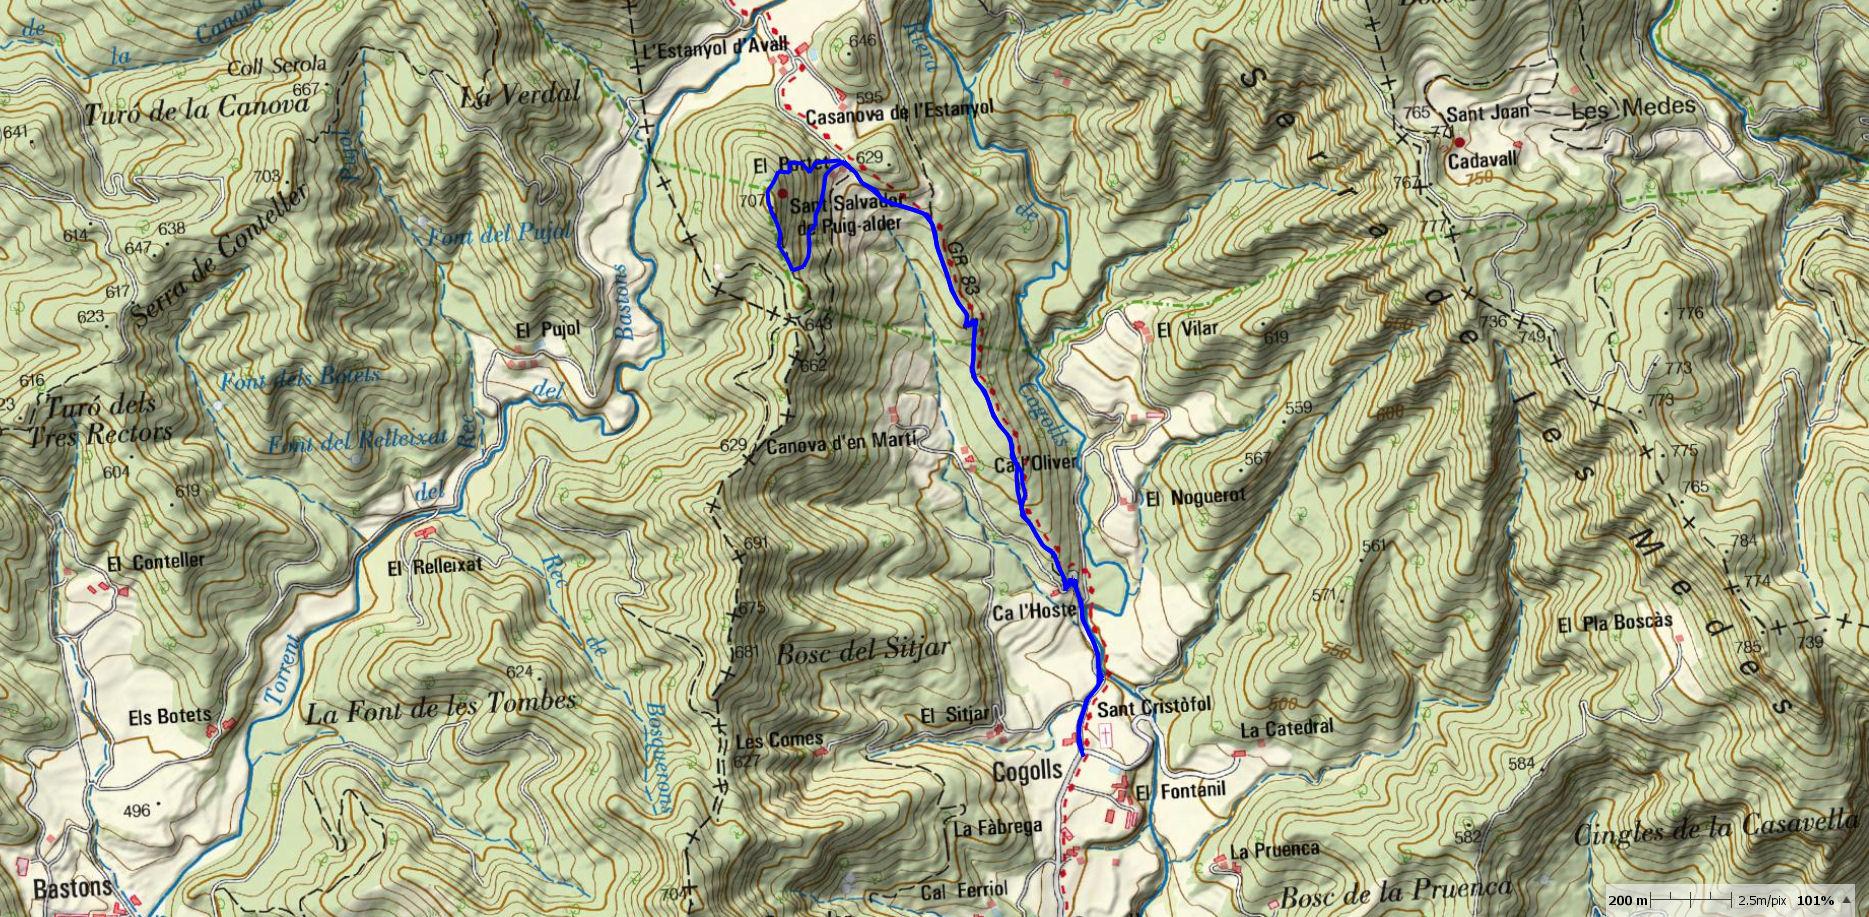 cogolls-sant-salvador-map